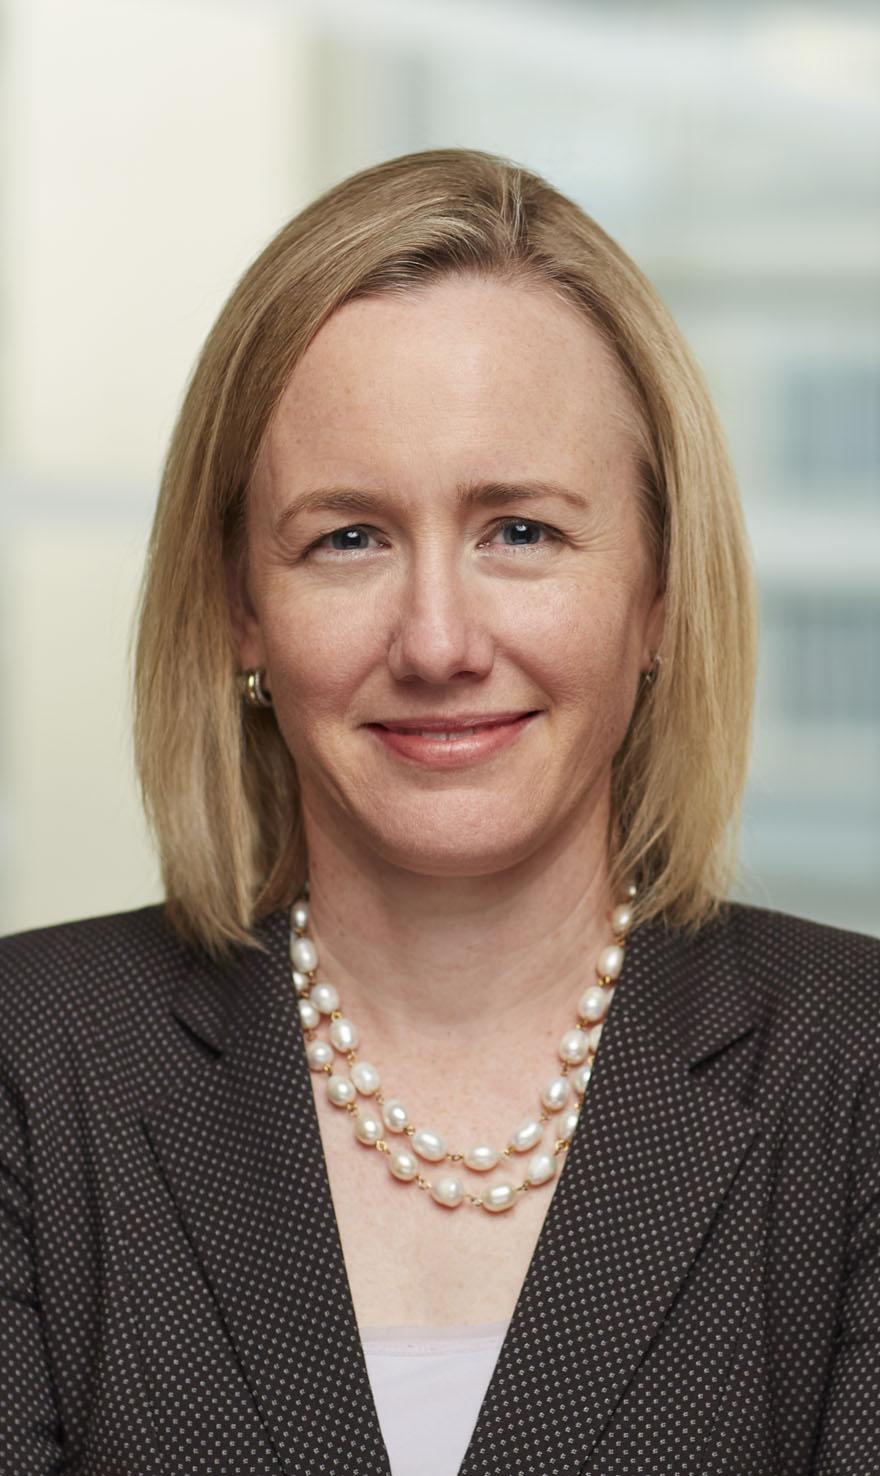 Anne W. Chapman